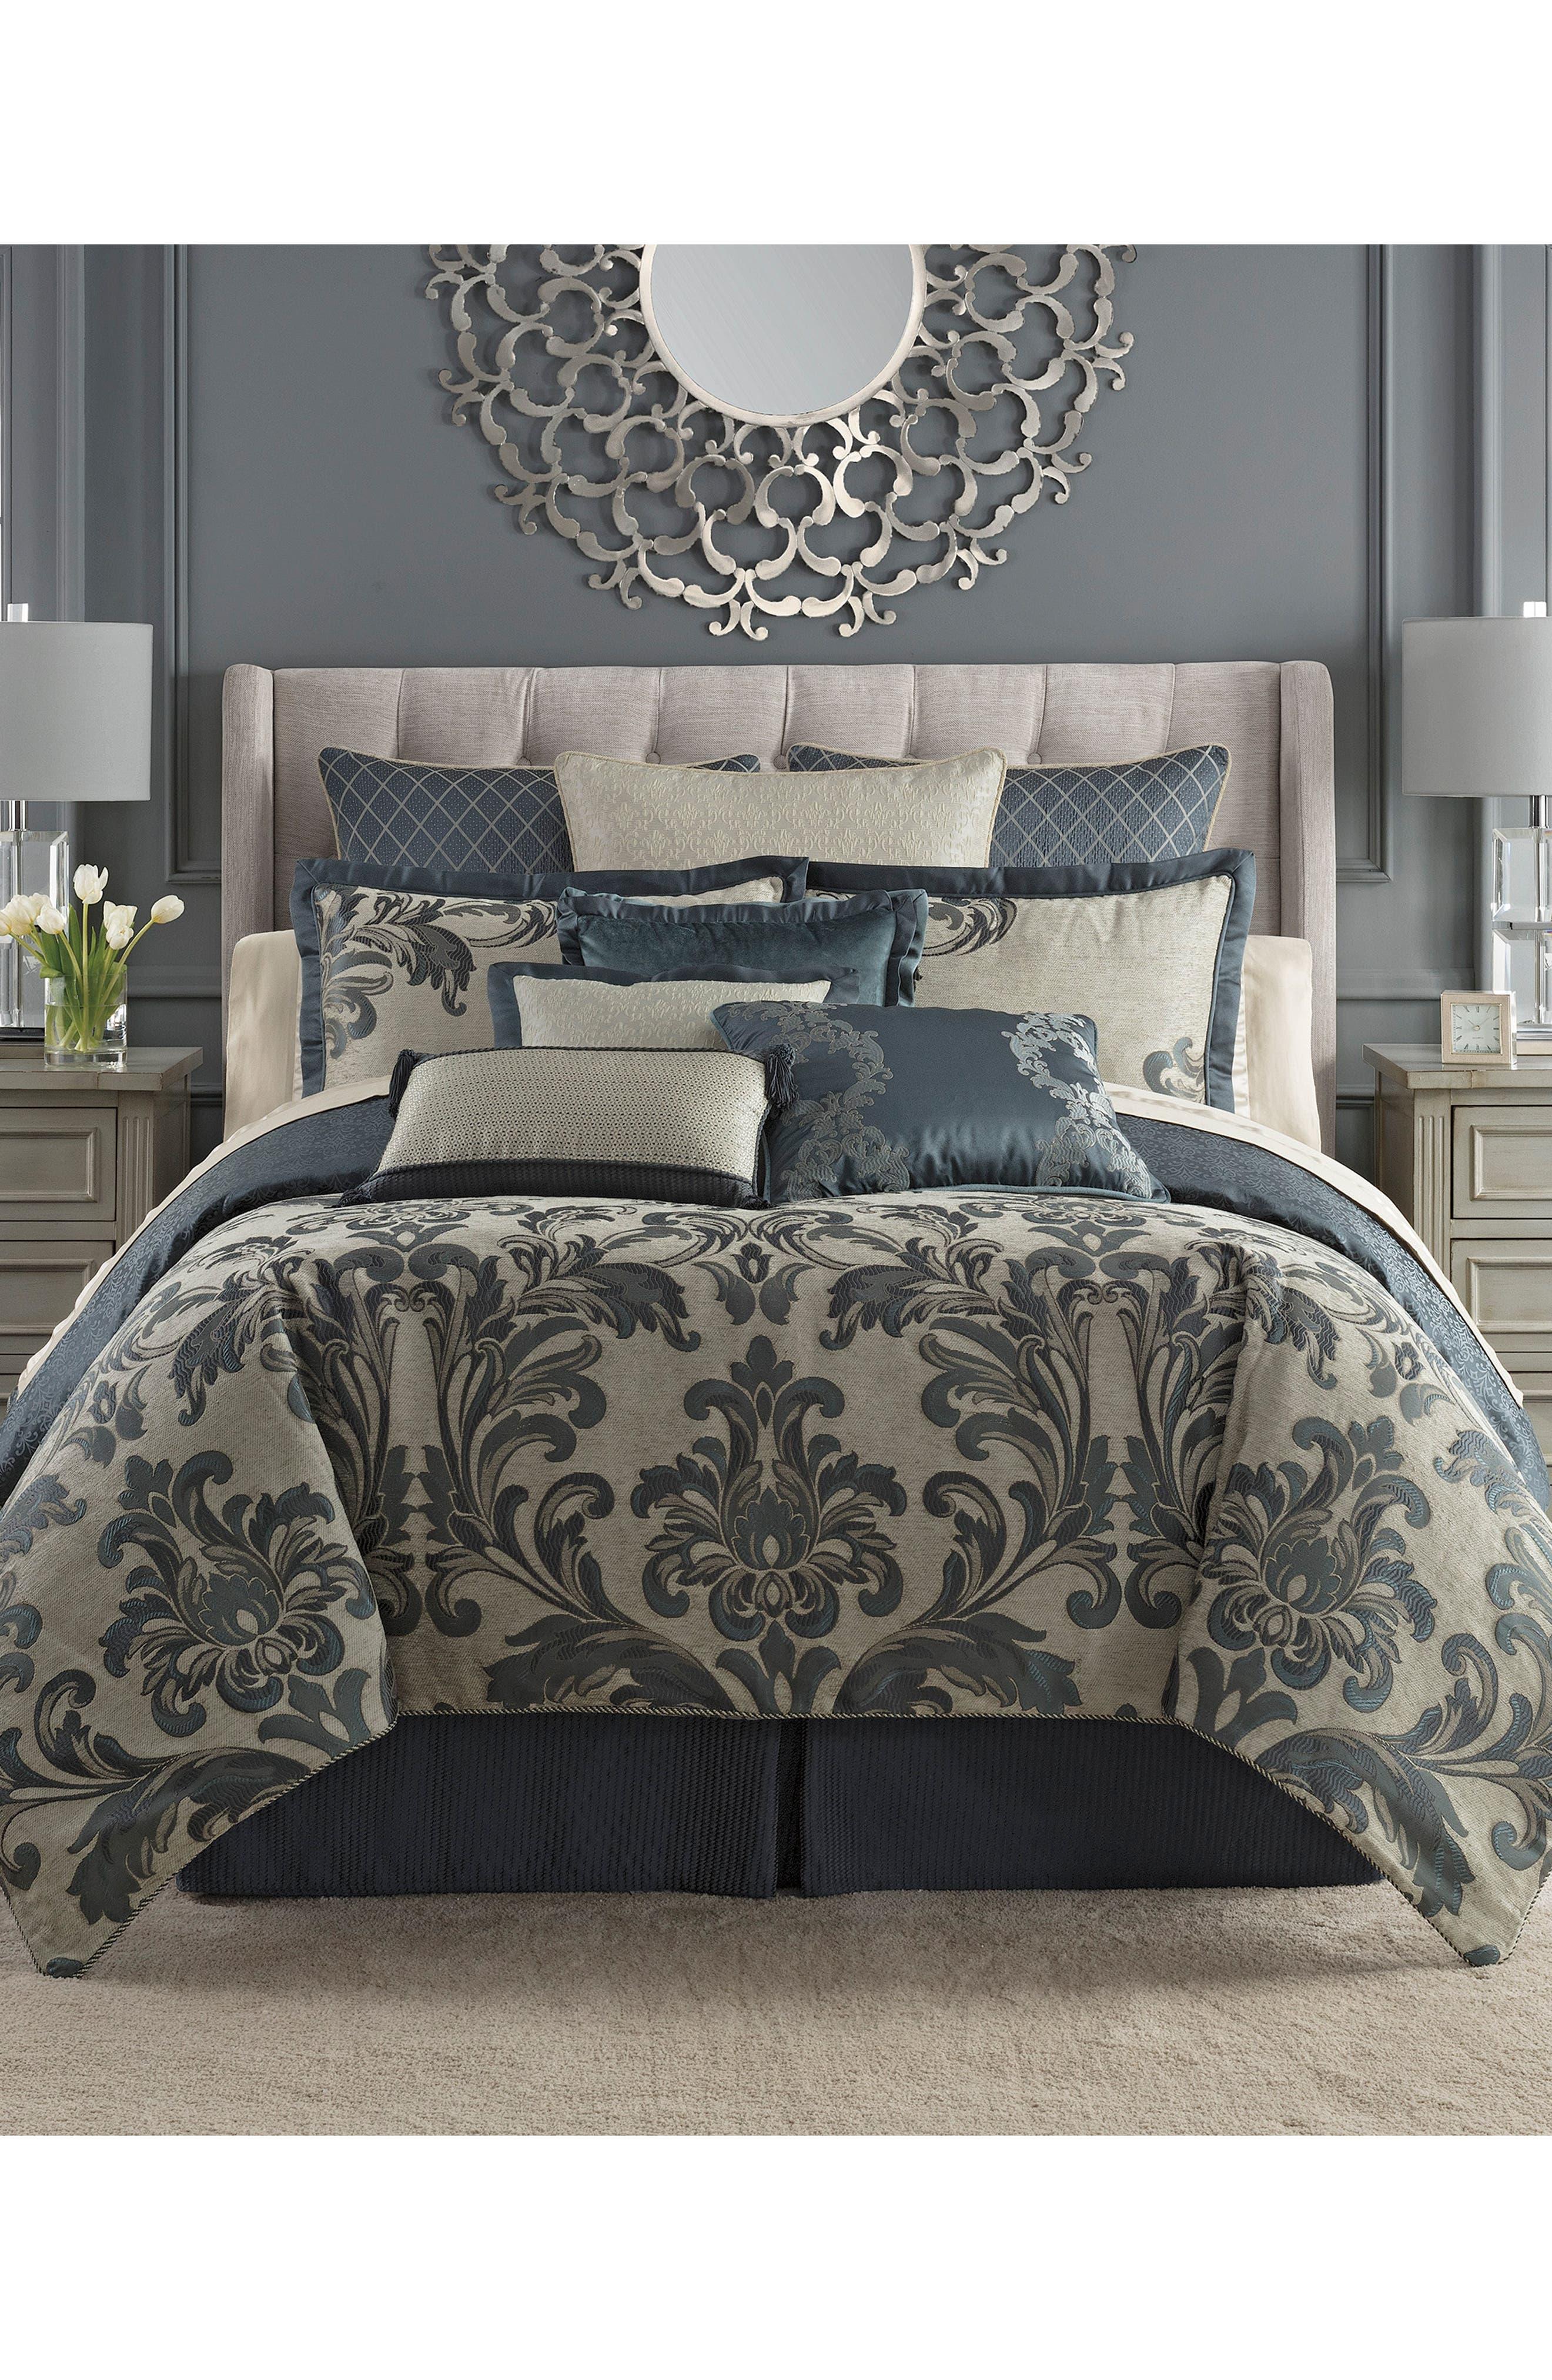 Everett Reversible Comforter, Sham & Bed Skirt Set, Main, color, TEAL